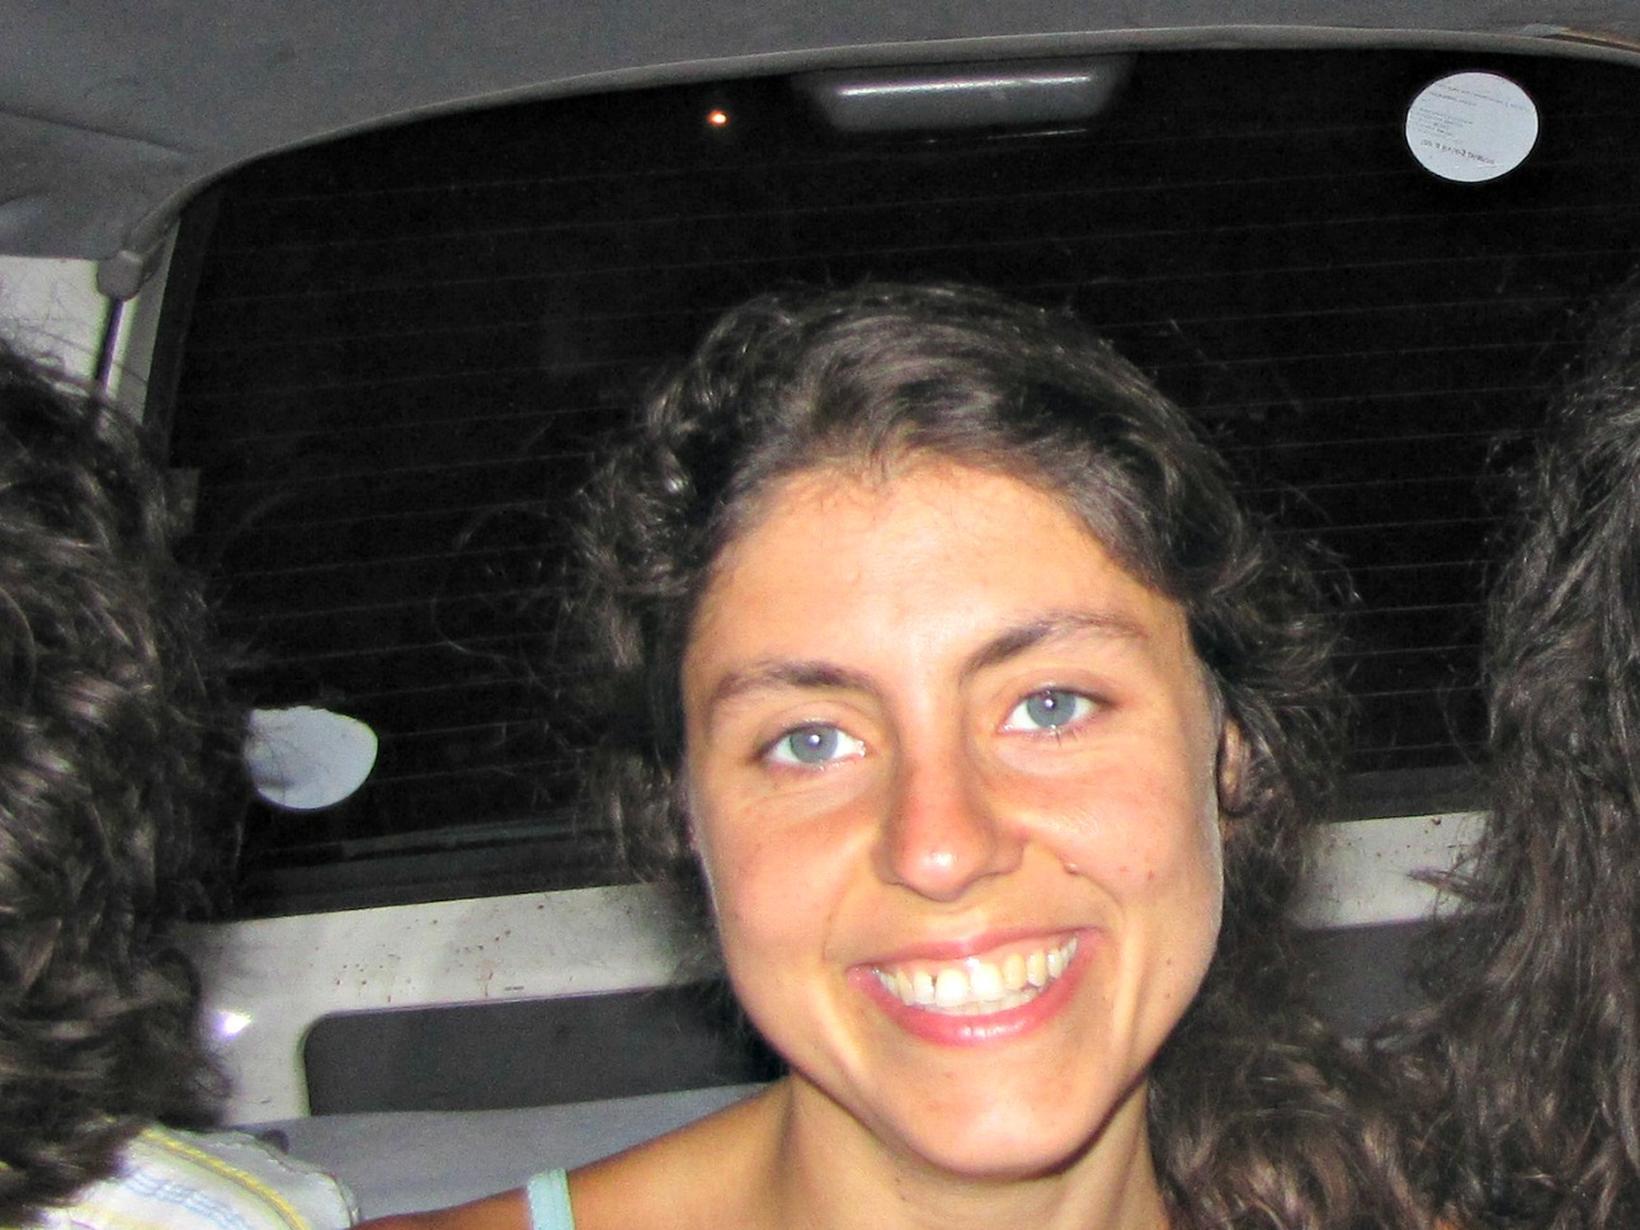 Cristina & Diego from Trento, Italy